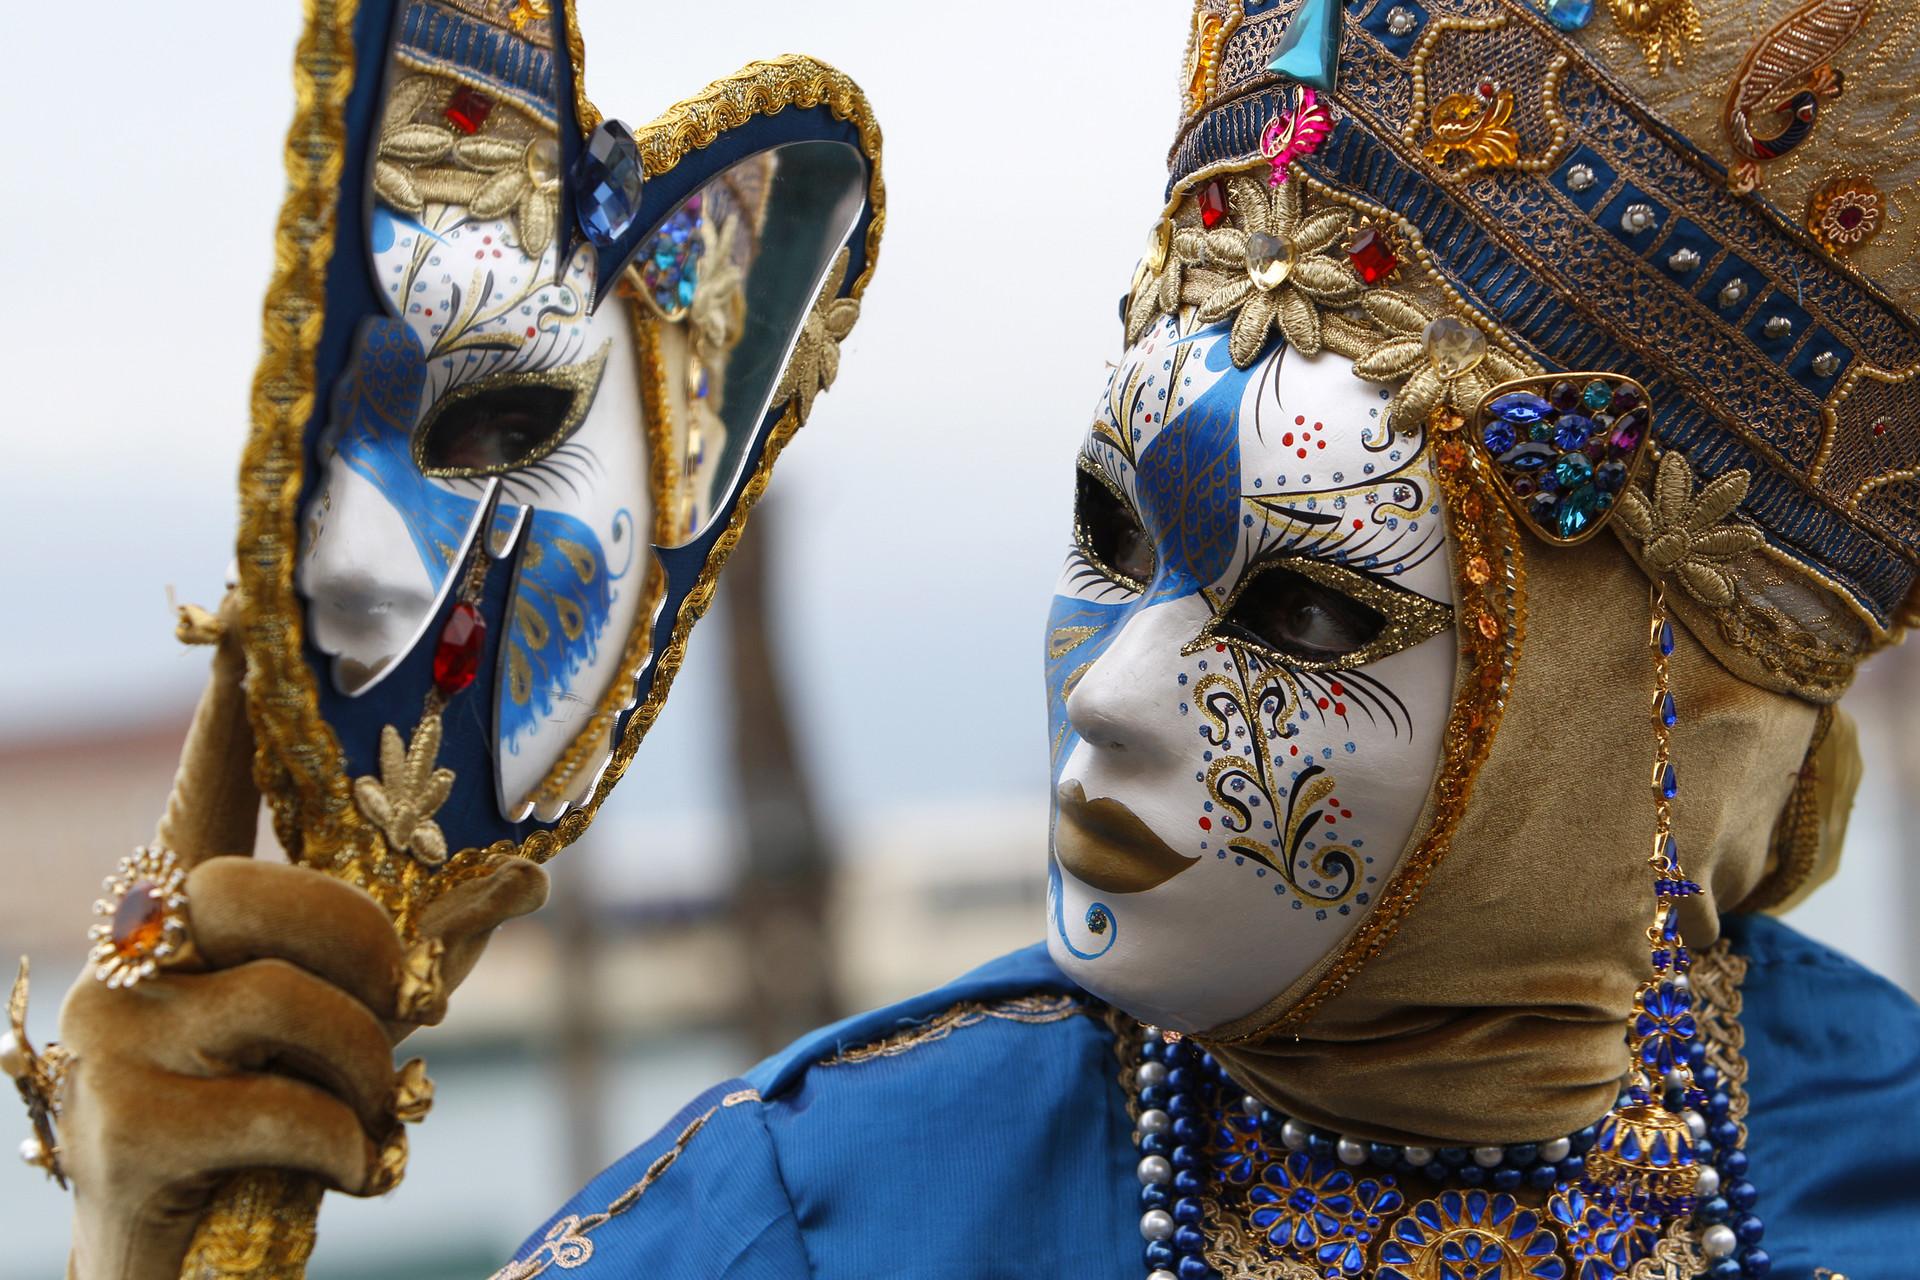 Una persona con una máscara posa en la plaza de San Marcos durante el carnaval de Venecia (Italia), el 6 de febrero de 2010.